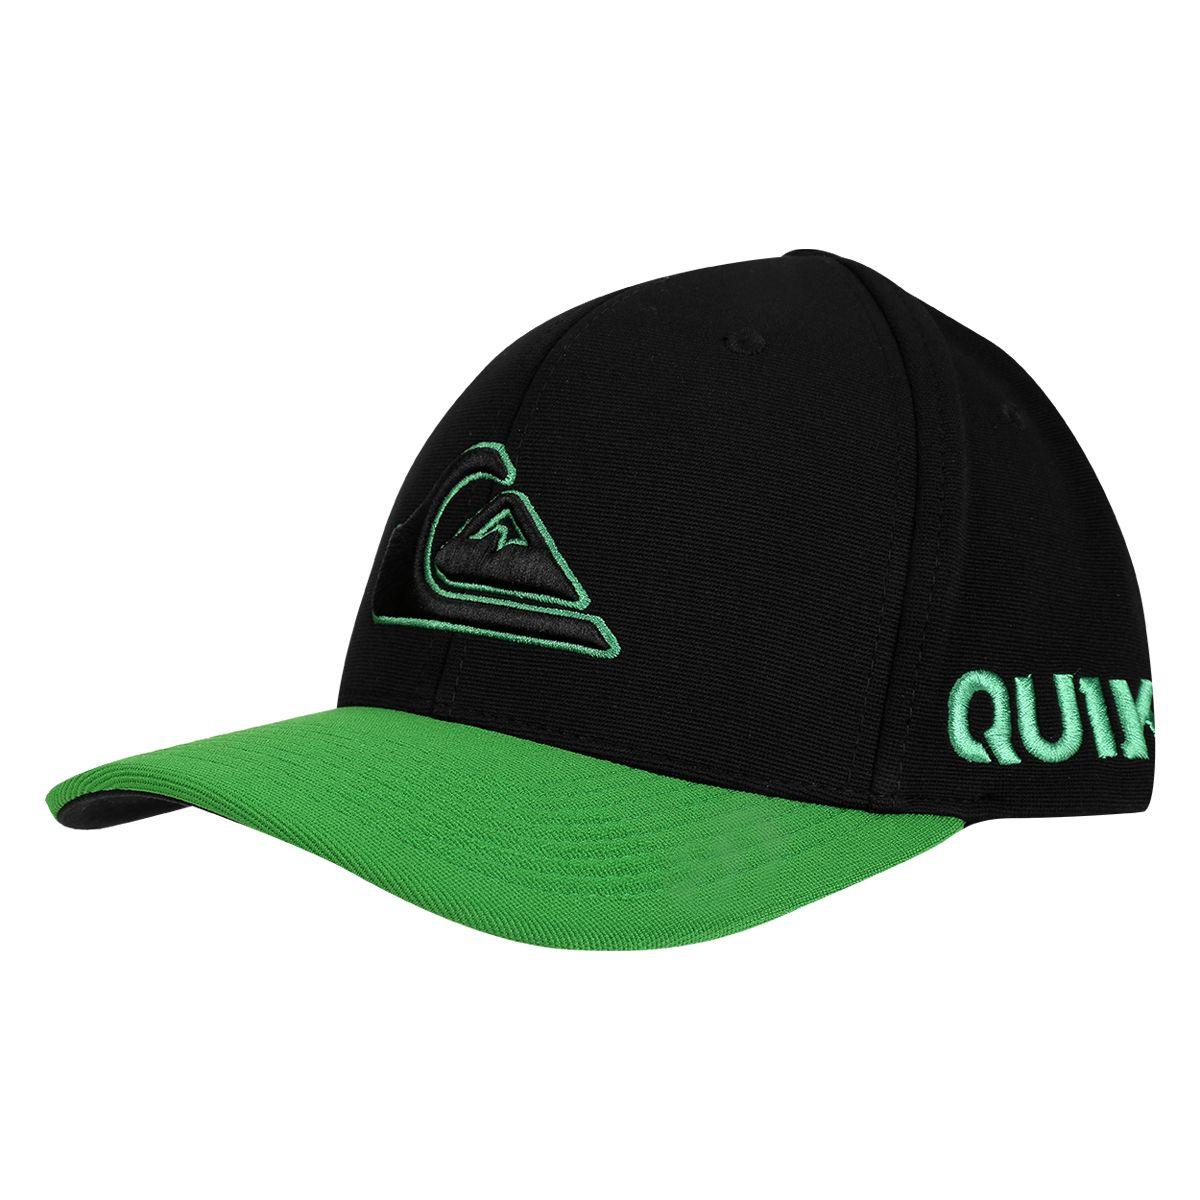 Aposte no Boné Quiksilver Hard Hitter 2 Preto e verde para finalizar a  produção com estilo e originalidade. Modelo com o icônico logo da marca d01c8df1a37